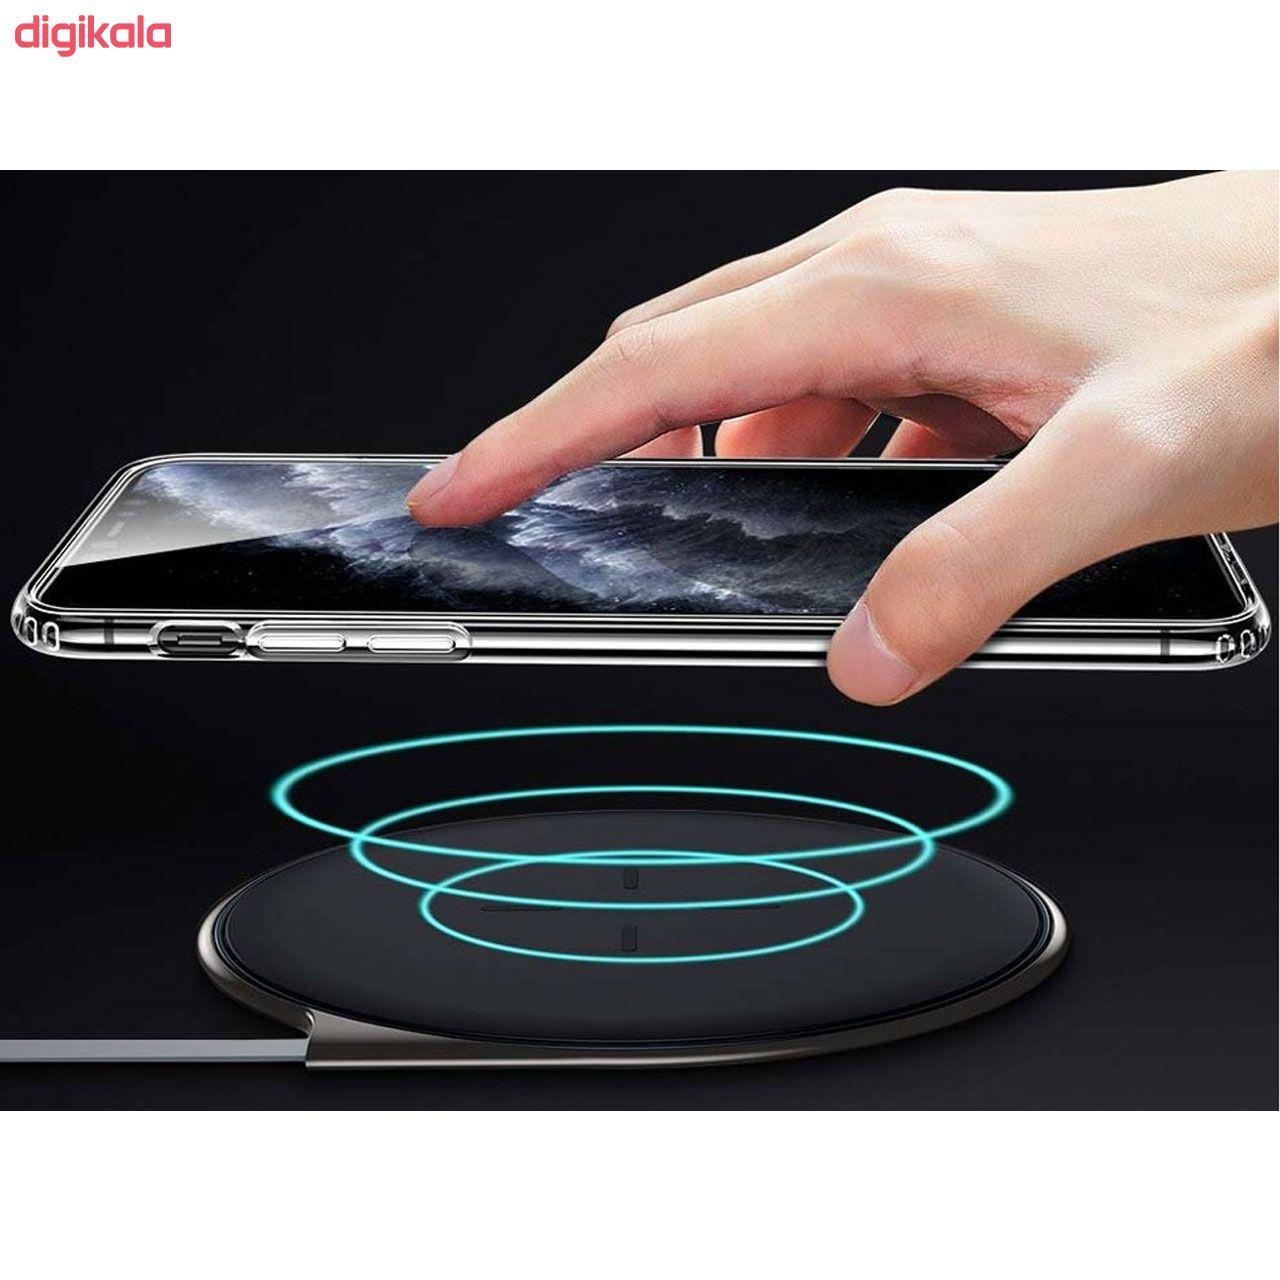 کاور مدل BLKN مناسب برای گوشی موبایل اپل iPhone 12 Pro Max main 1 5